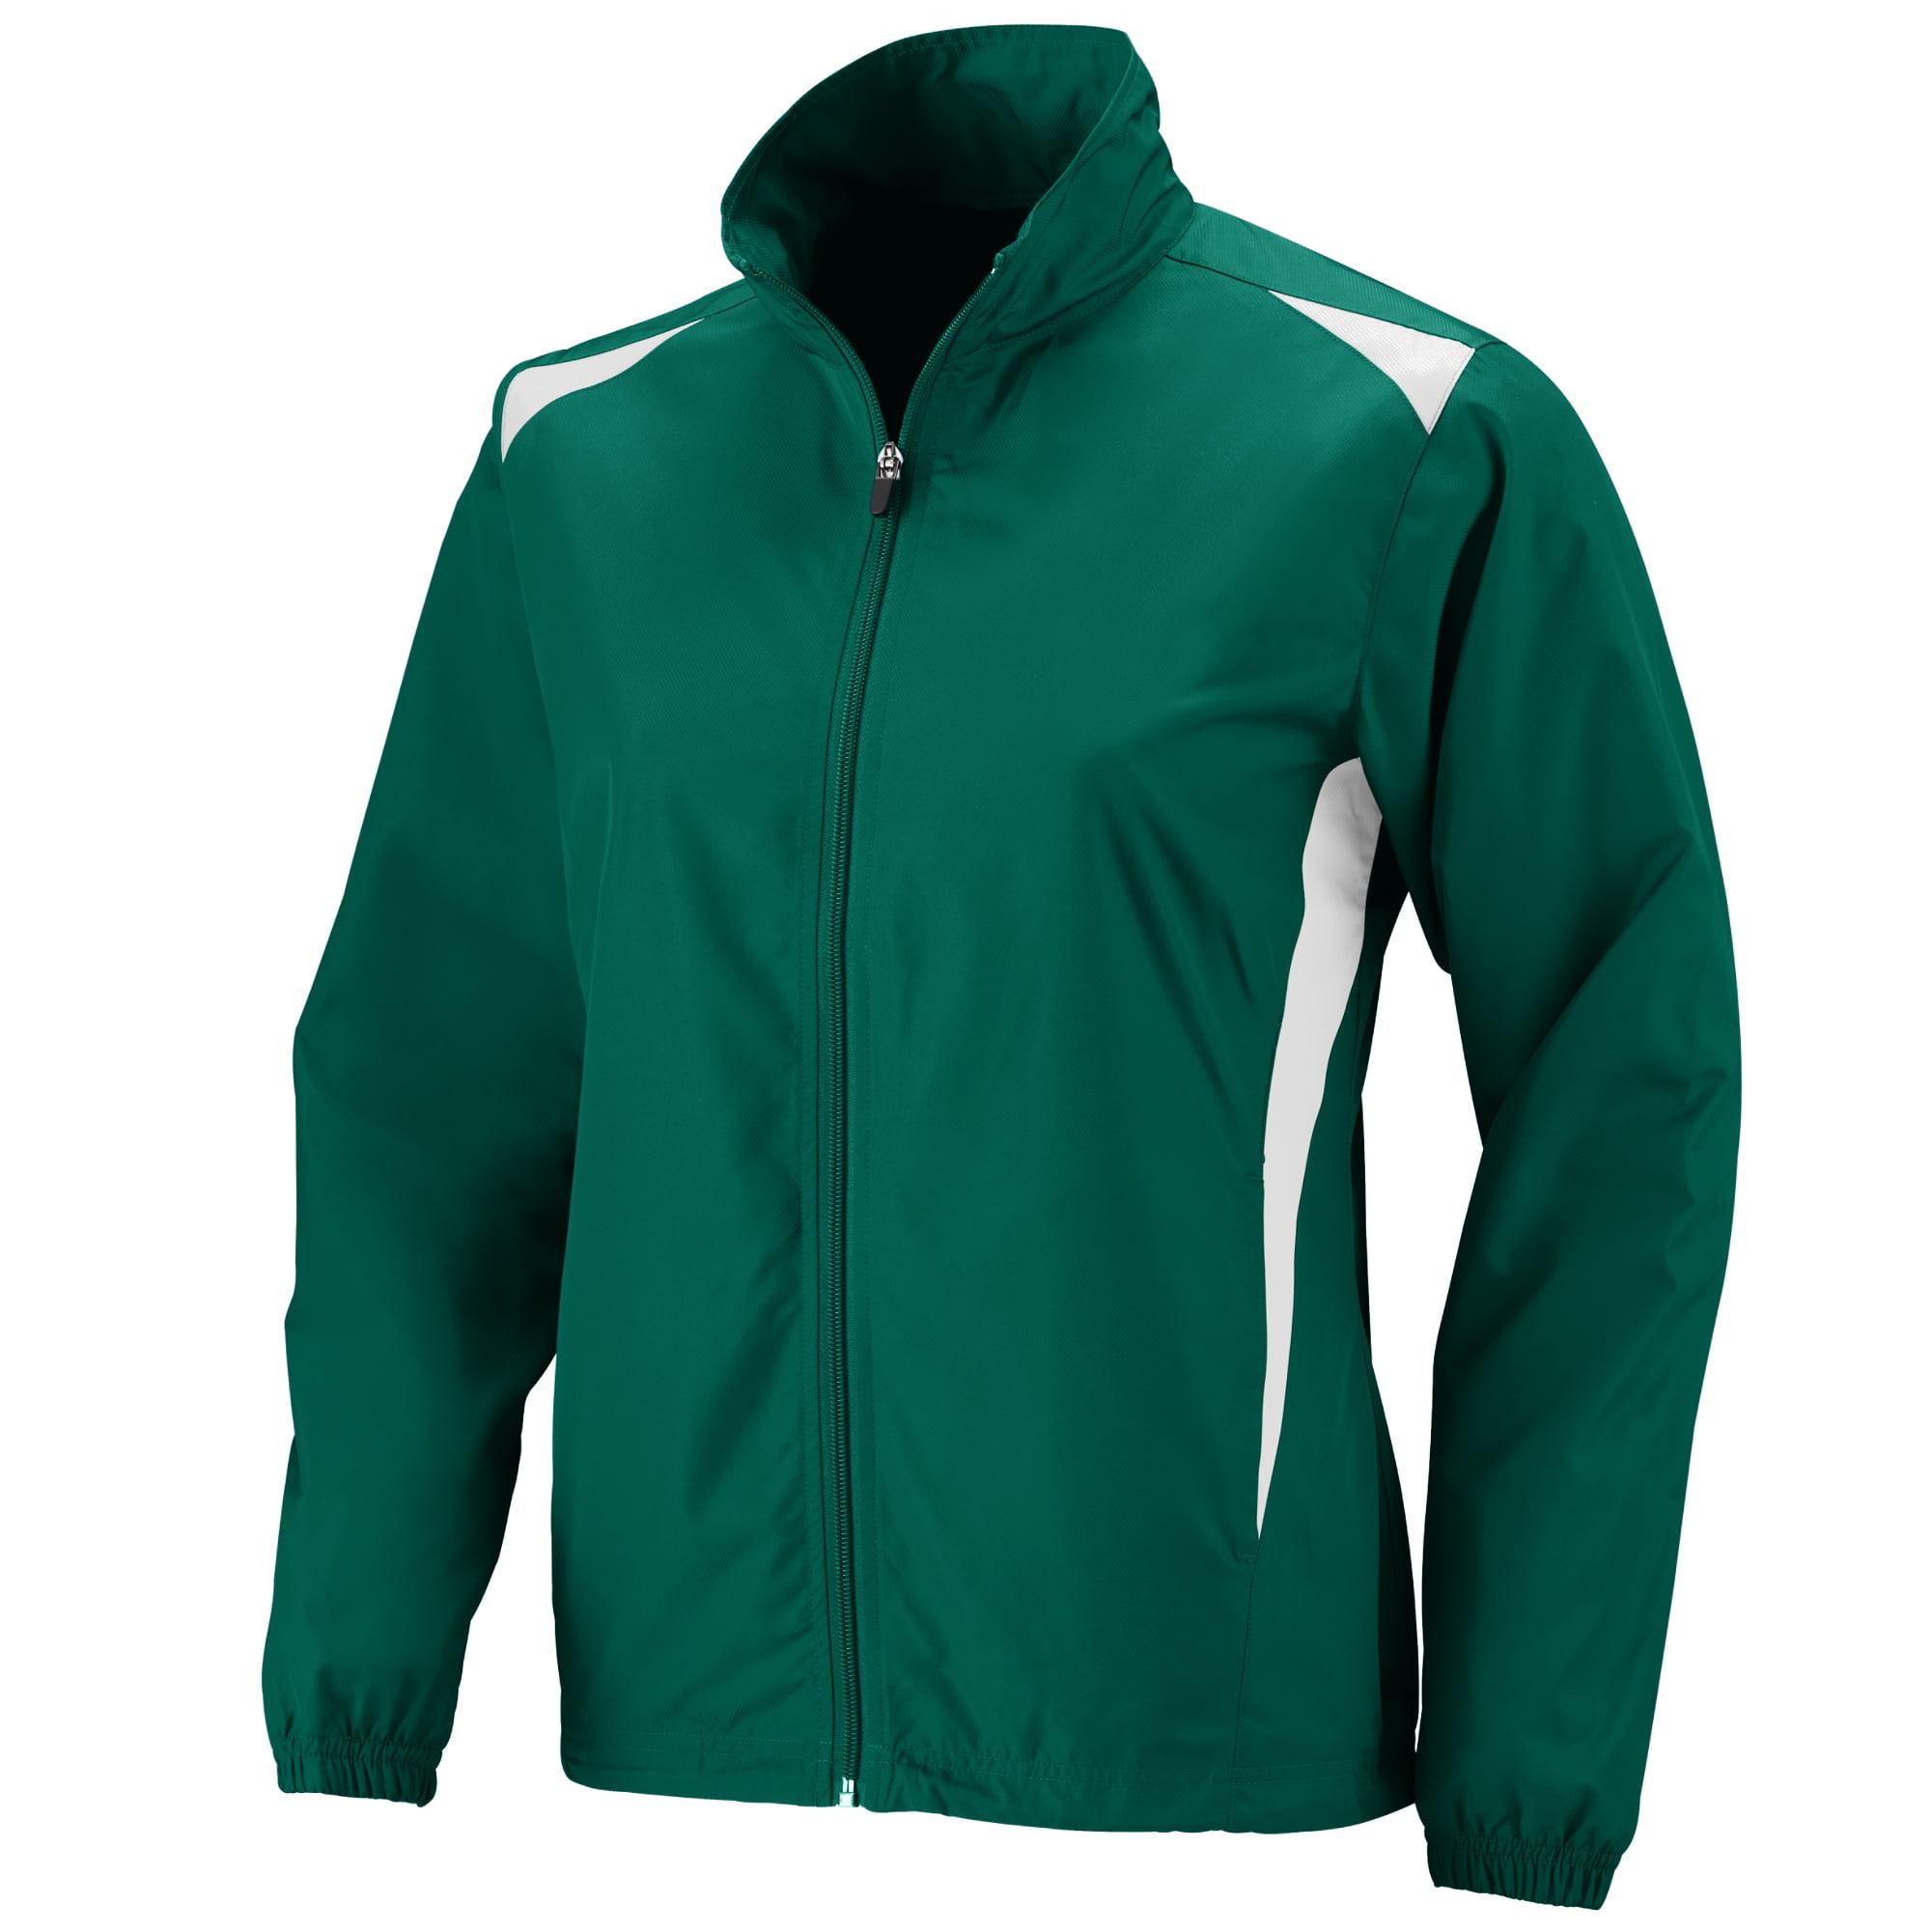 Augusta Sportswear Women's Premier Jacket 3710